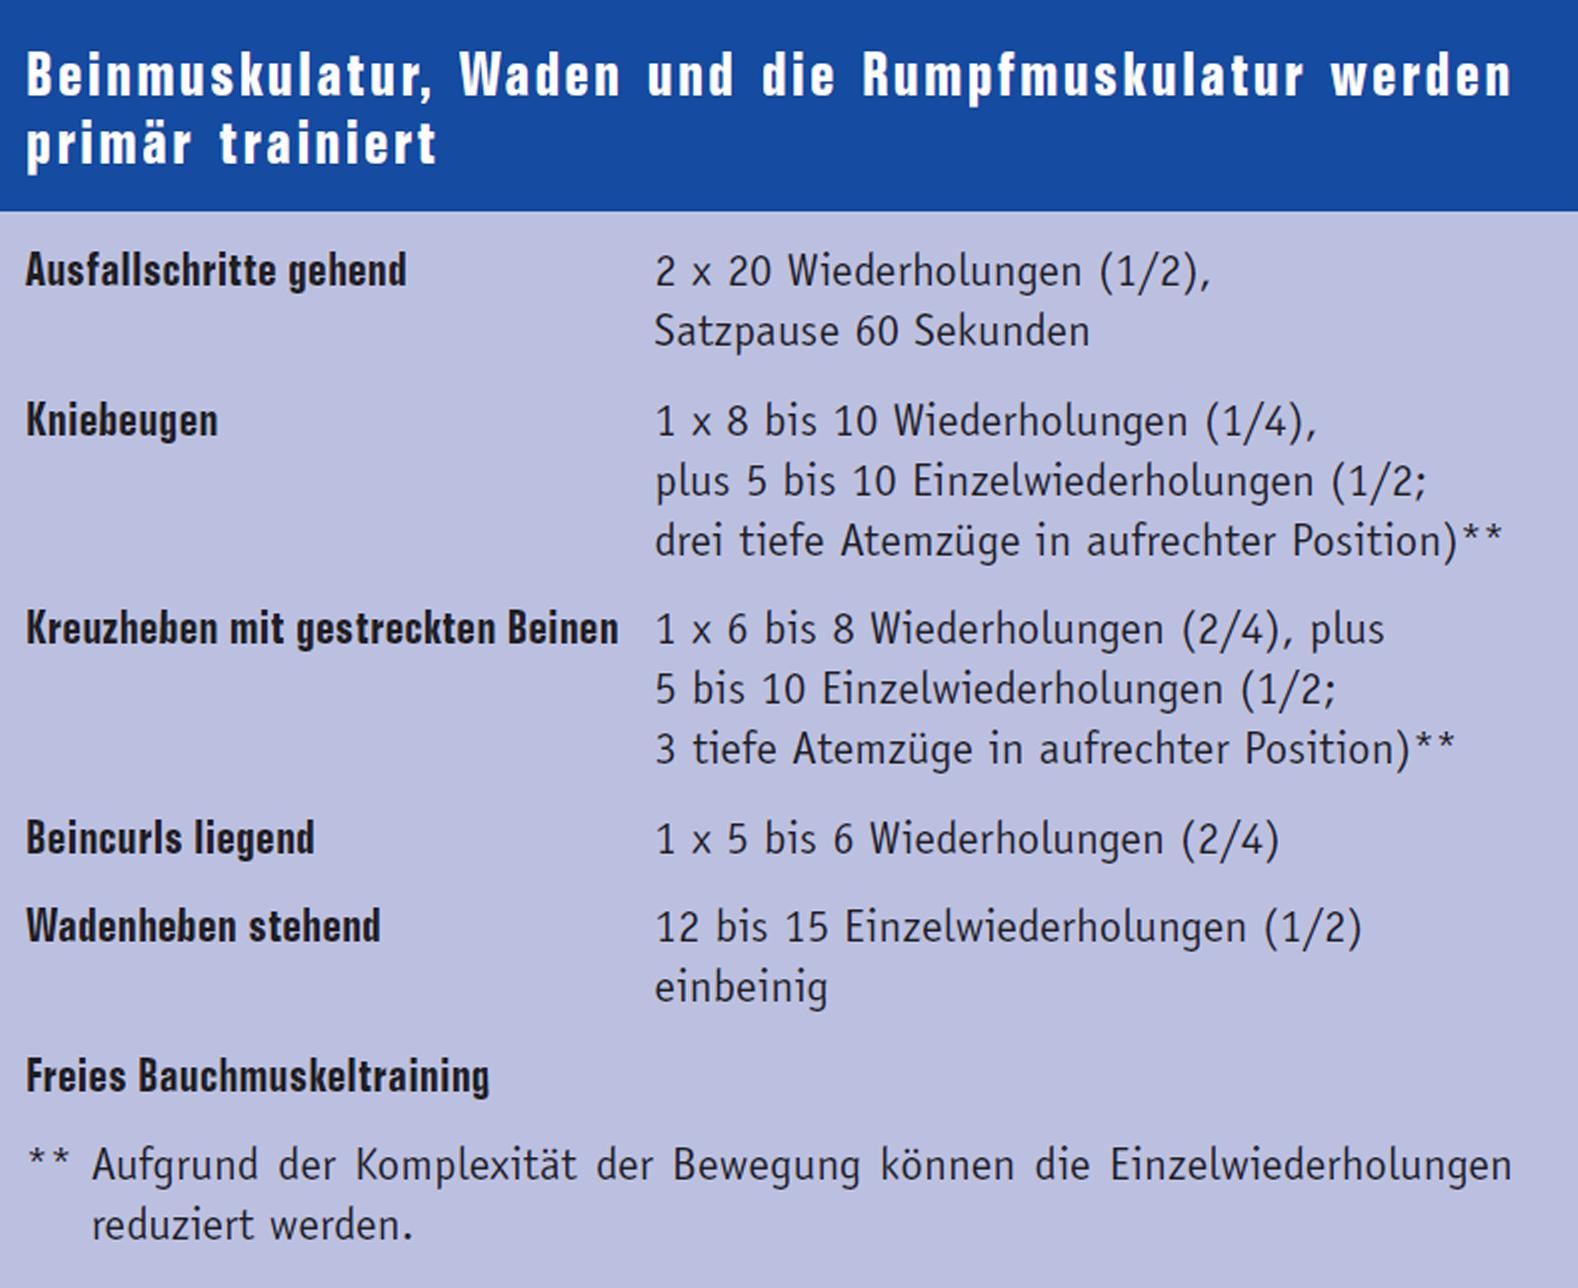 Lipotrope Nährstoffe für den Fettabbau